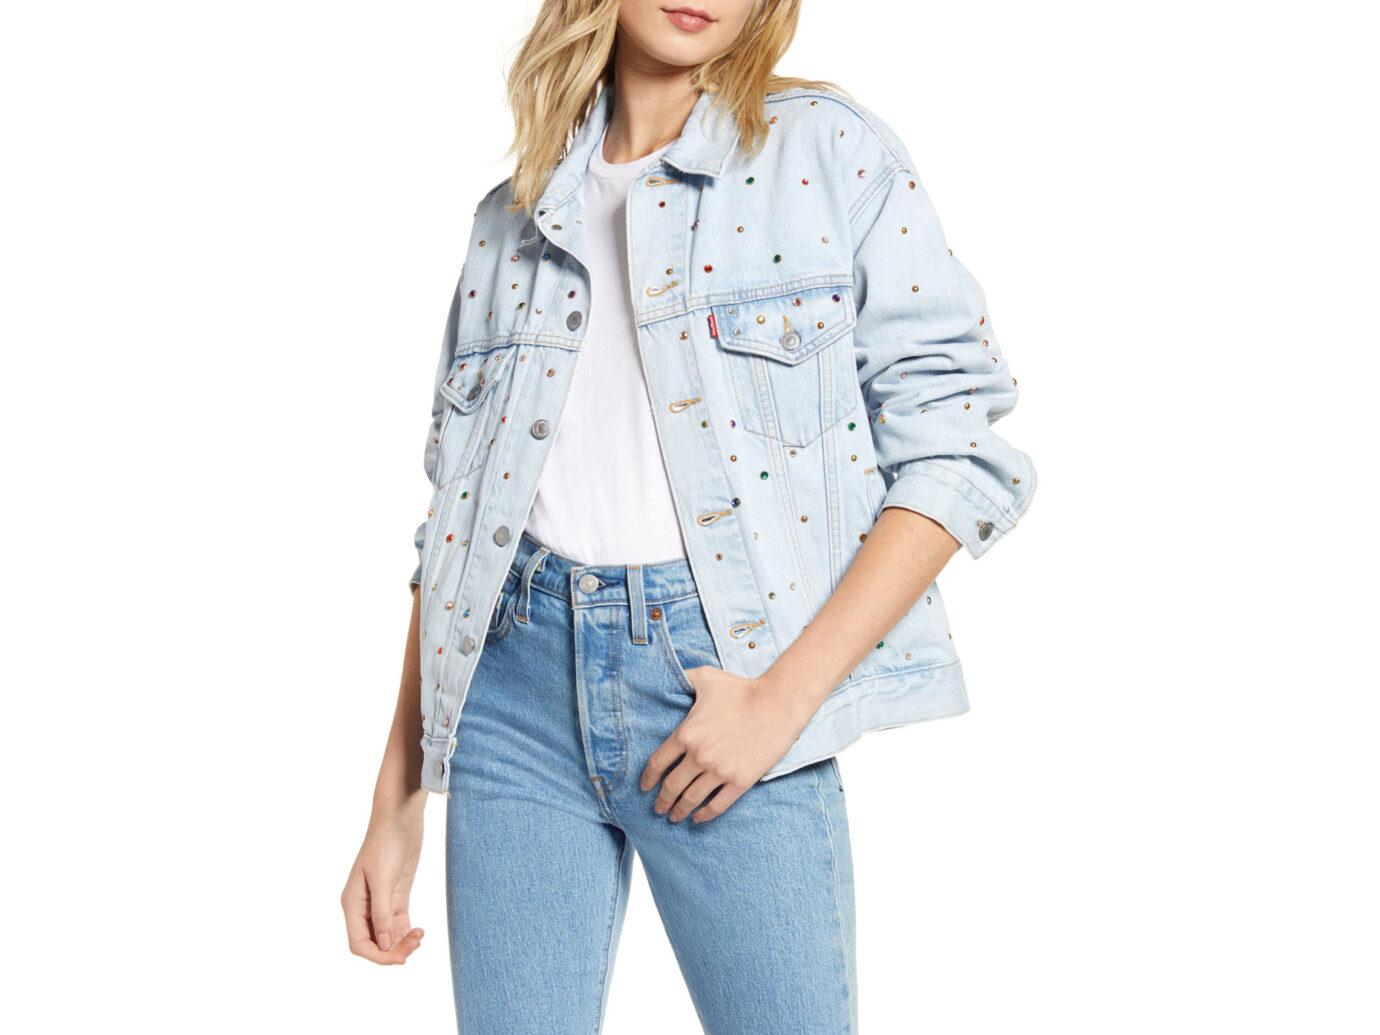 Levi's Showgirl Crystal Embellished Dad Denim Trucker Jacket